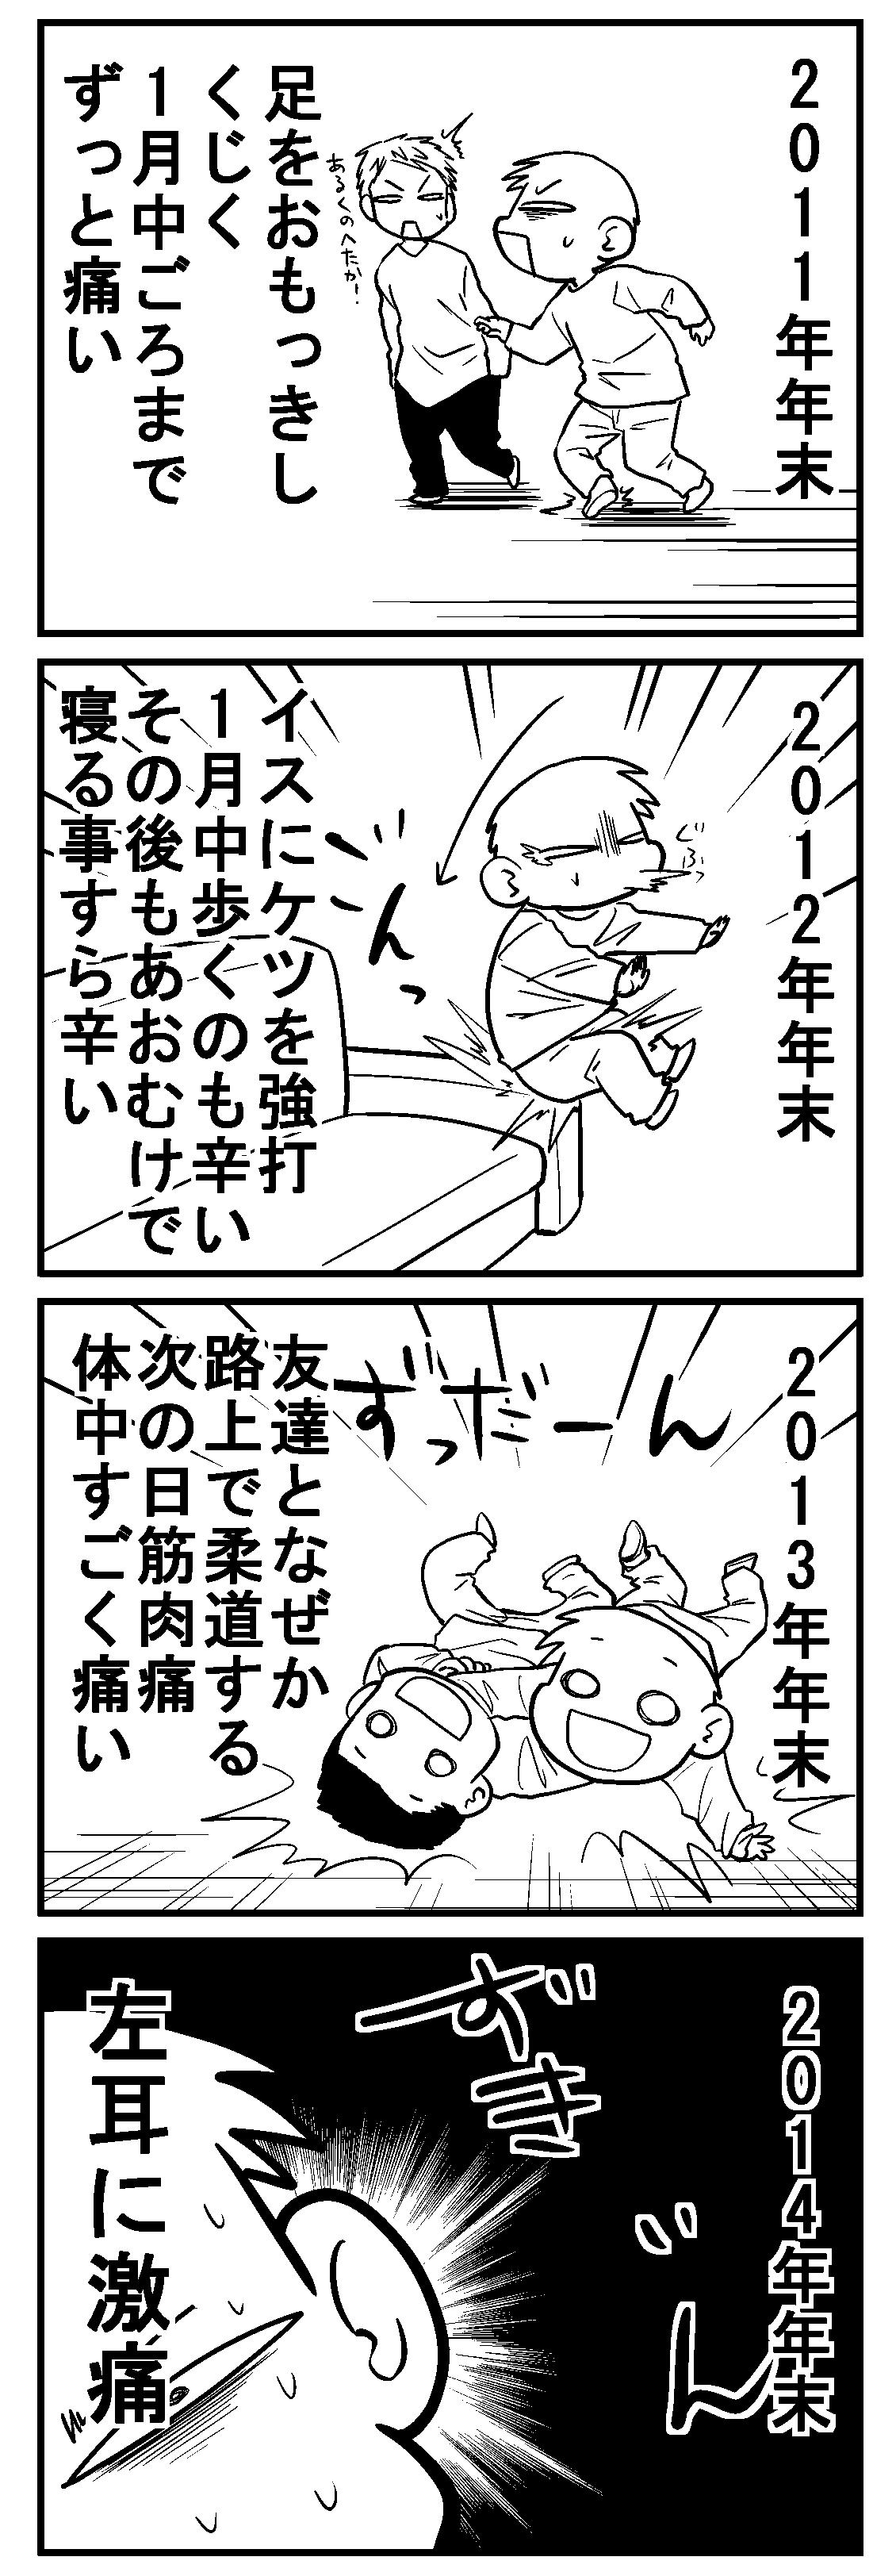 深読みくん34-3